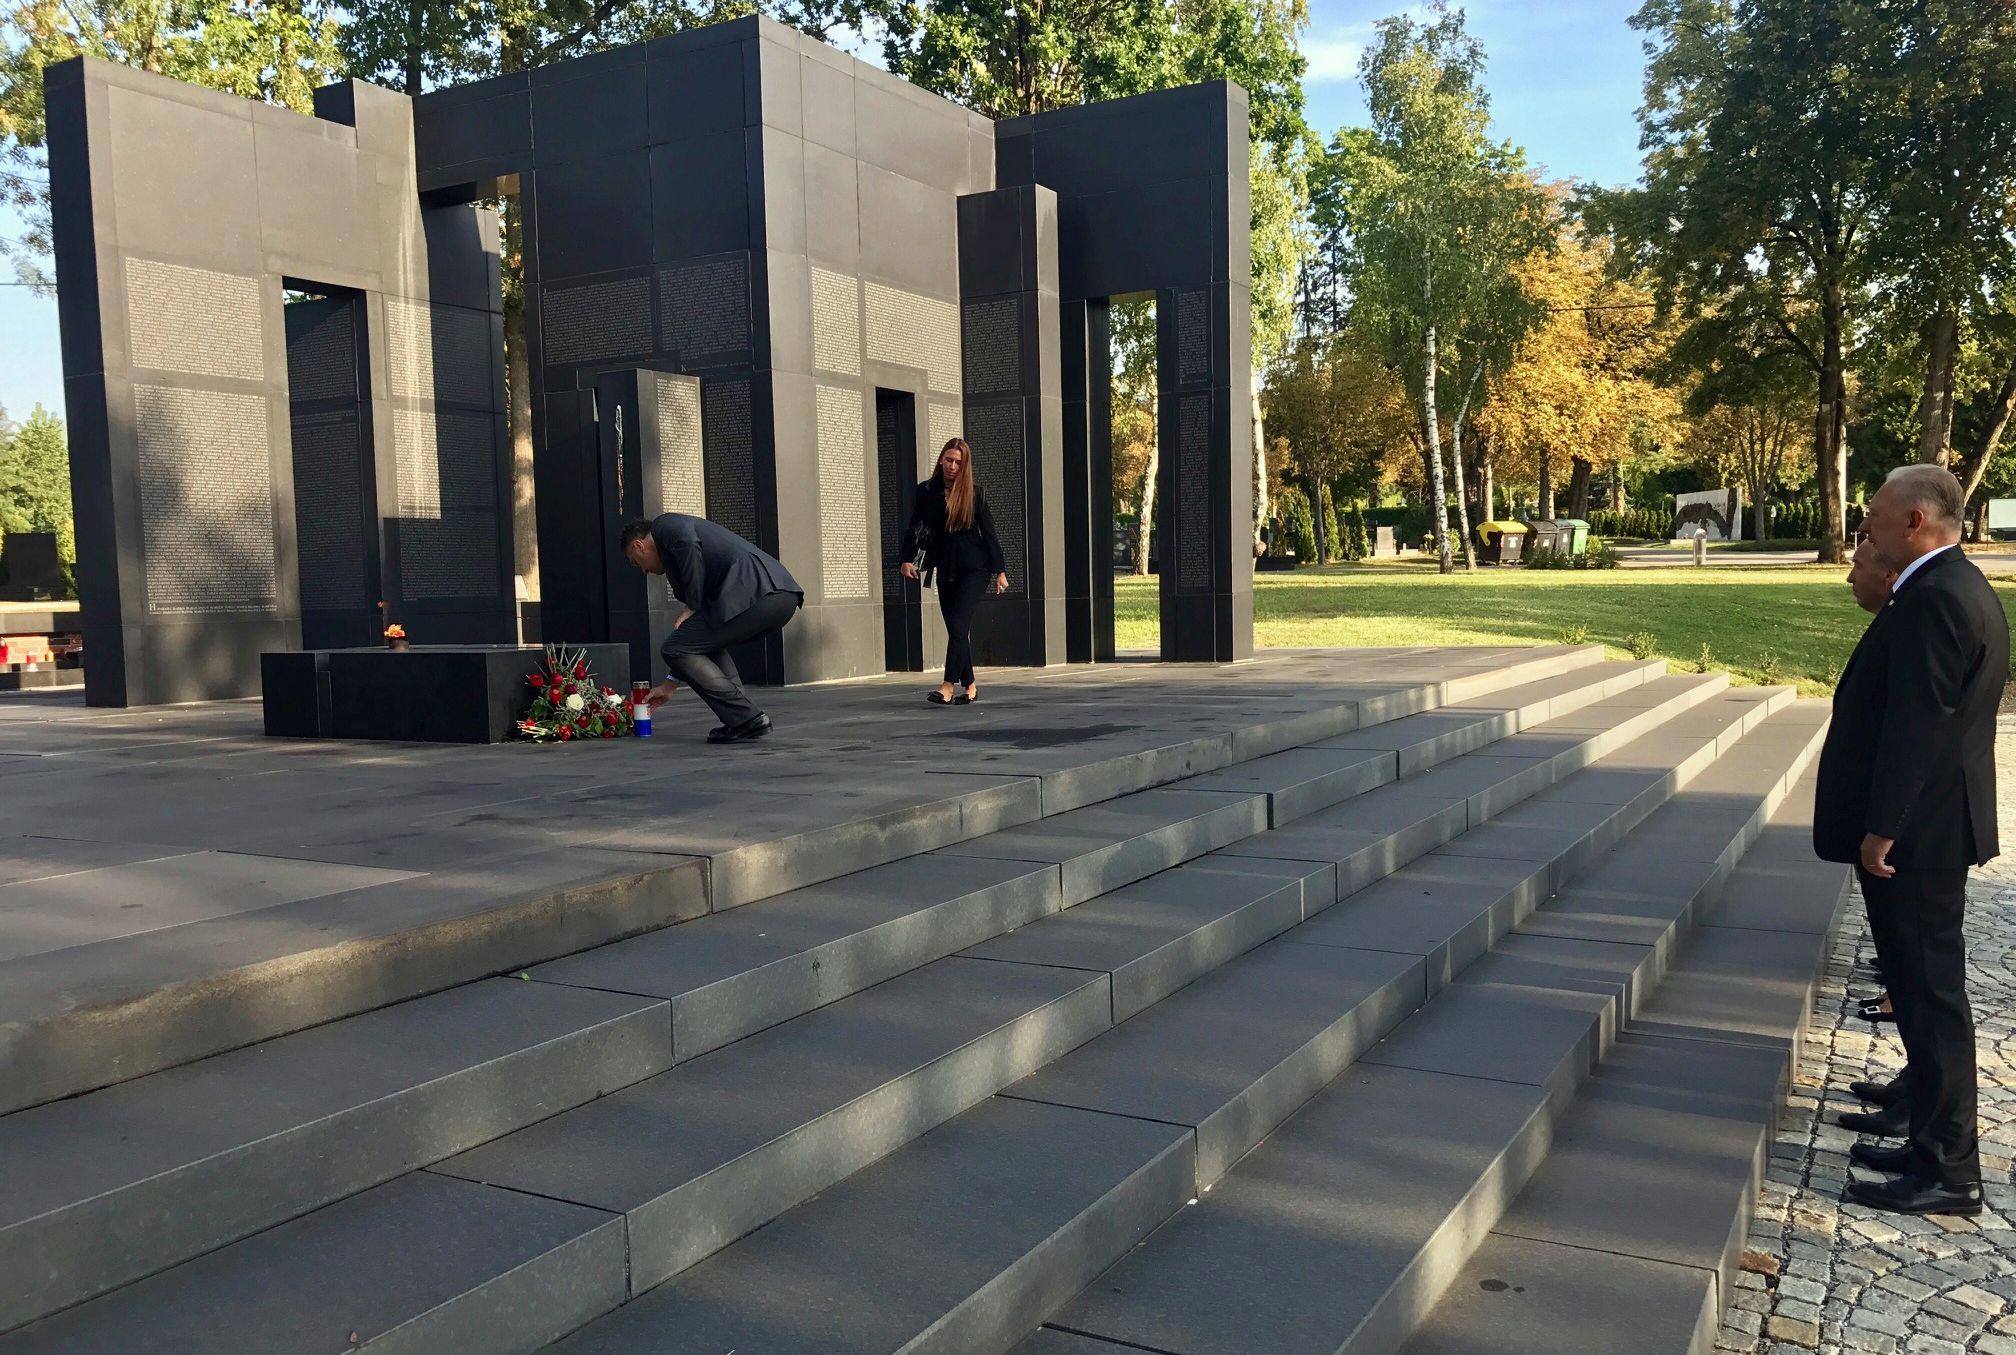 Vlada obilježava Europski dan sjećanja na žrtve totalitarnih i autoritarnih režima